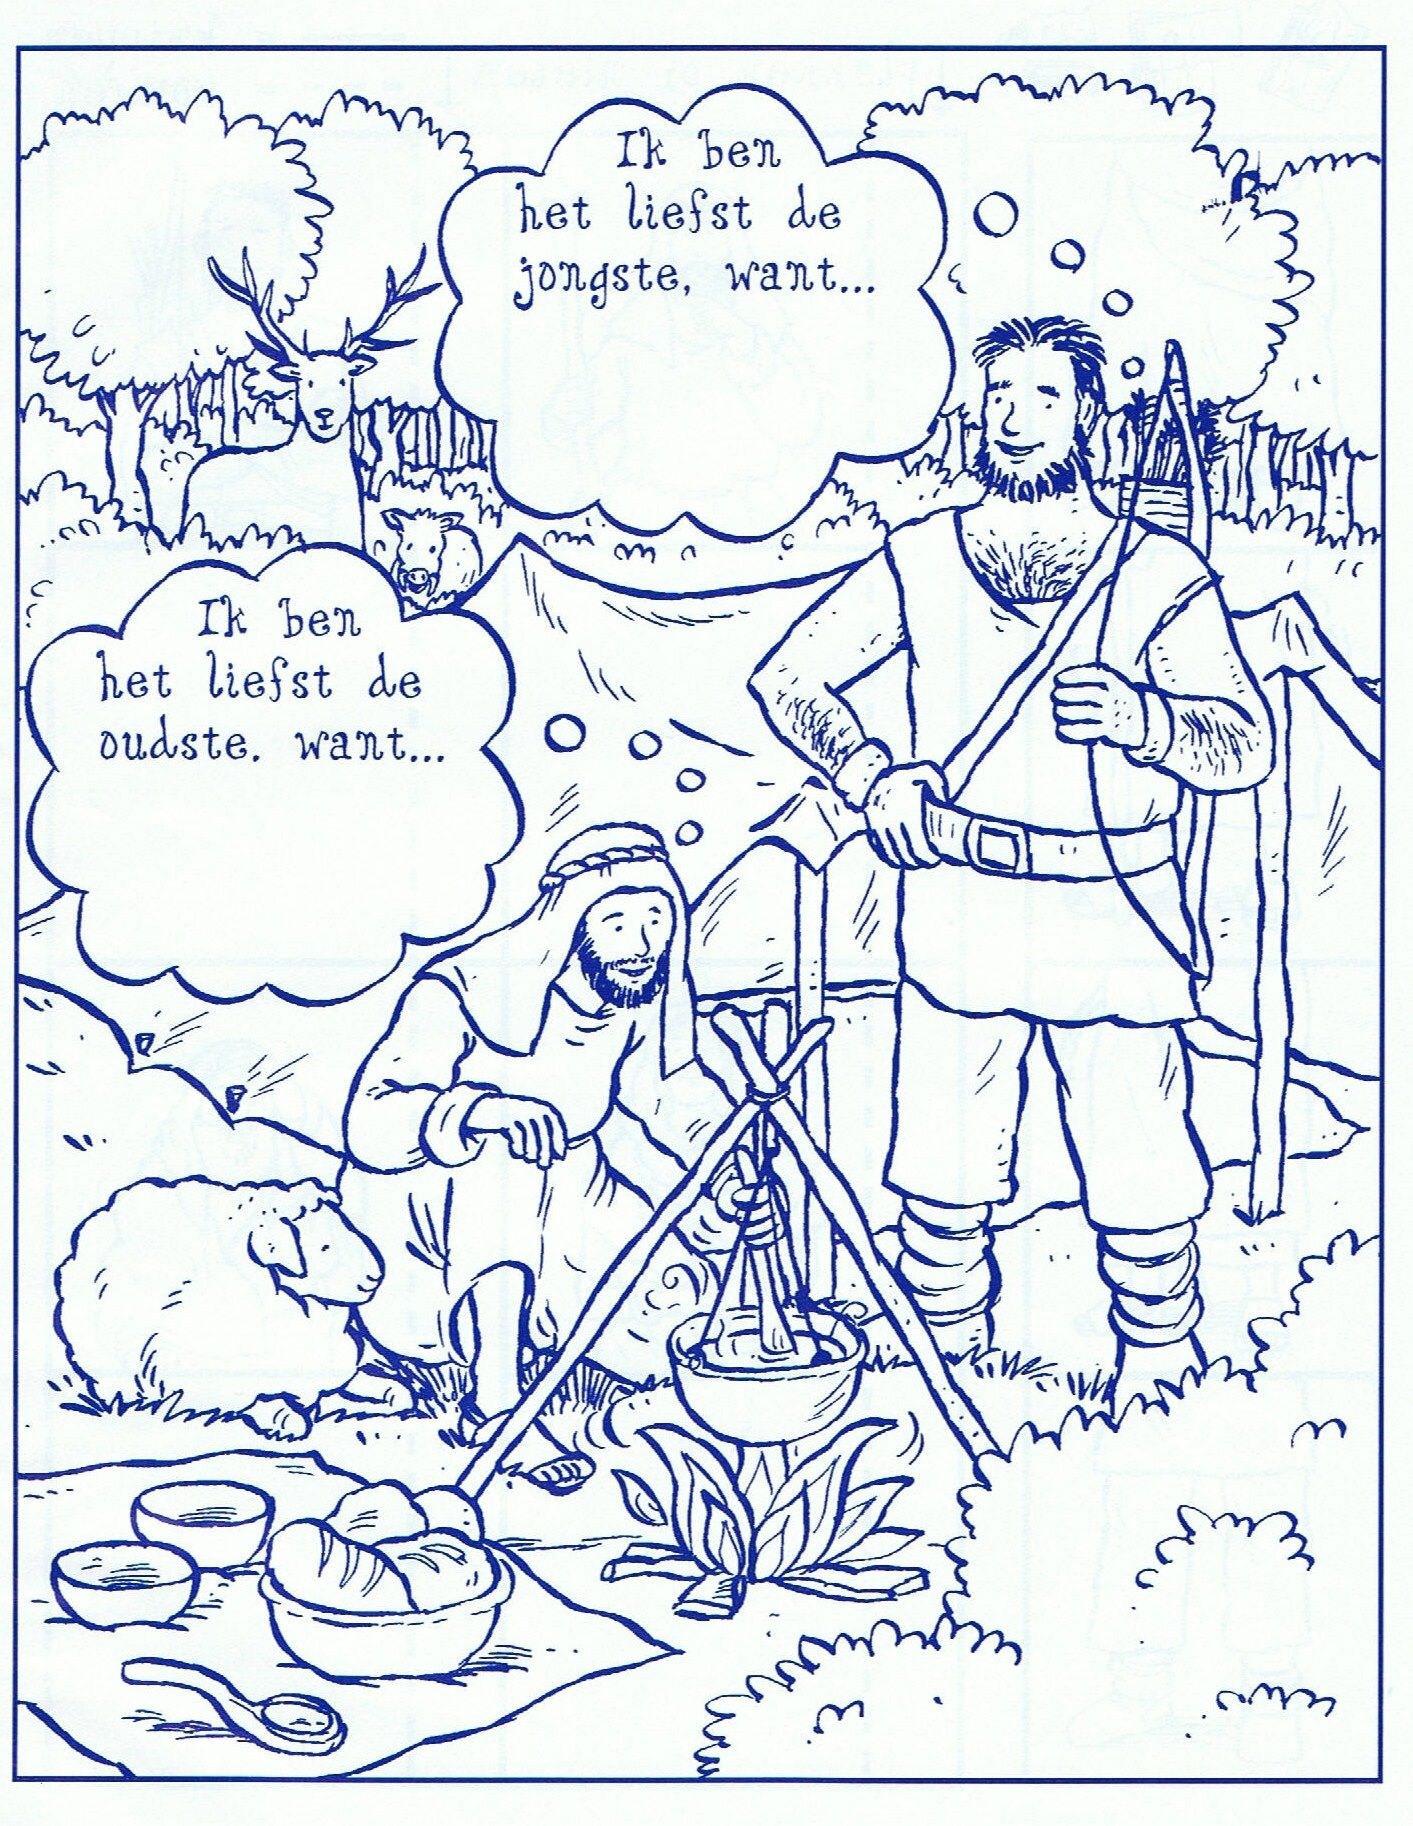 Jakob Und Esau Ausmalbilder Inspirierend Jakob Und Esau Ausmalbilder Best Jacob En Ezau Sunday School Ot Bilder